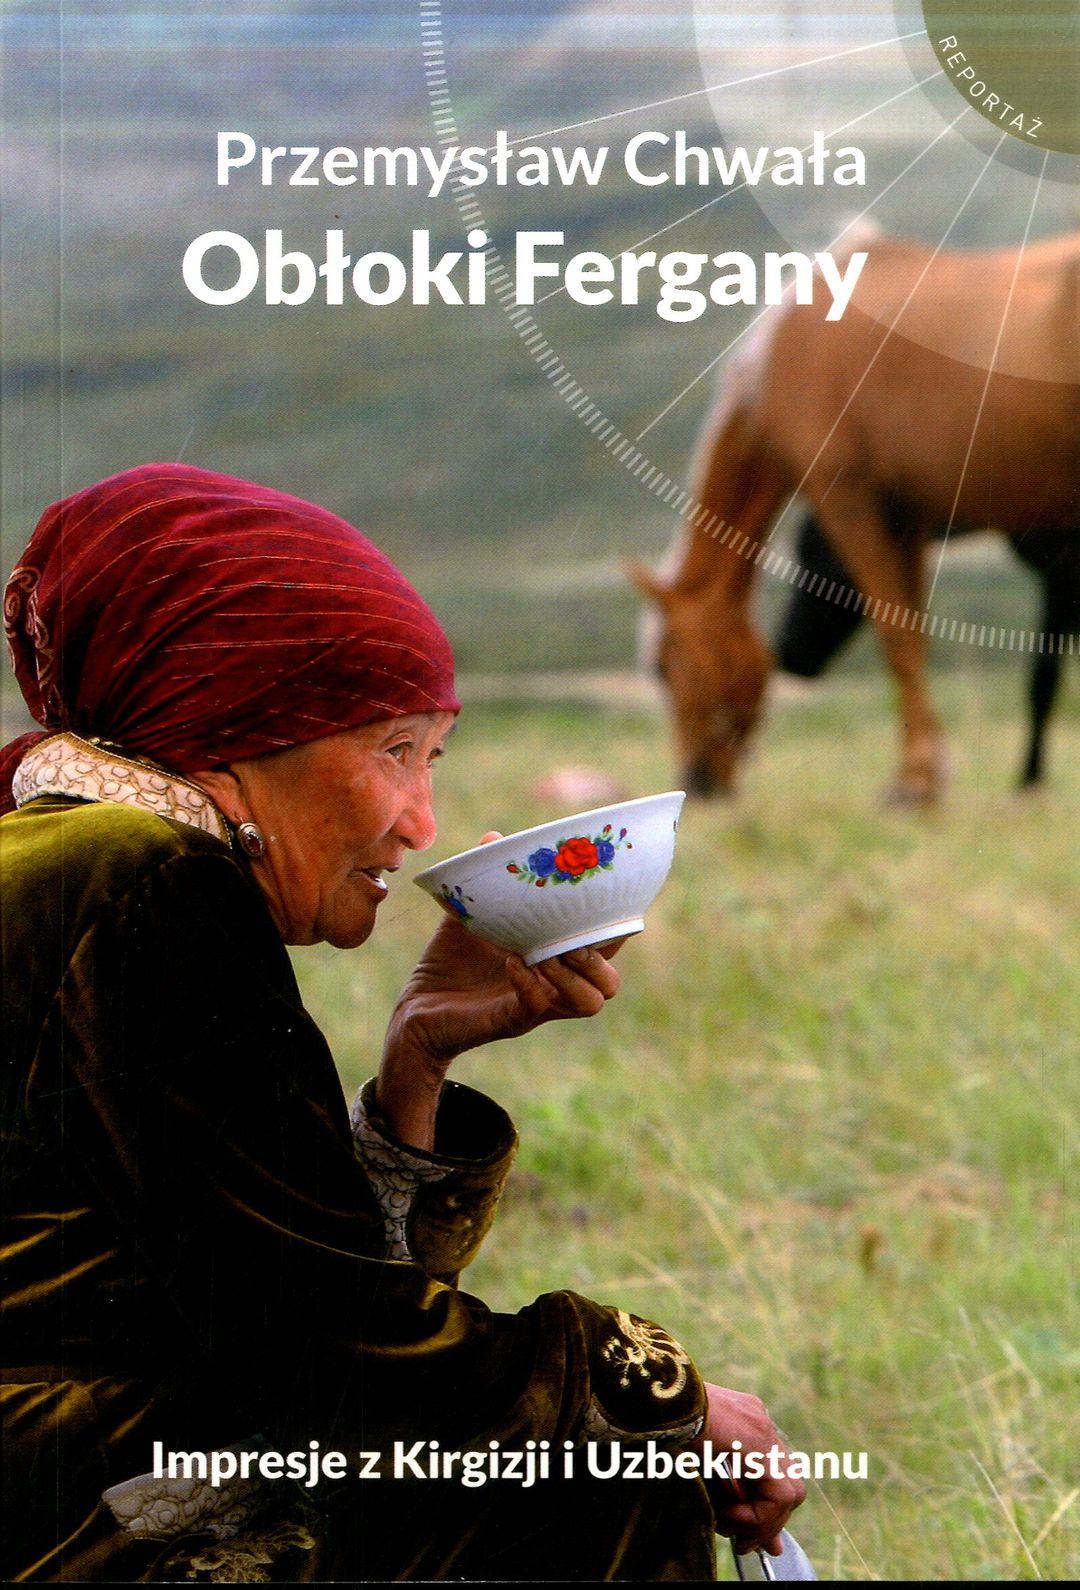 Chwała Przemysław – Obłoki Fergany